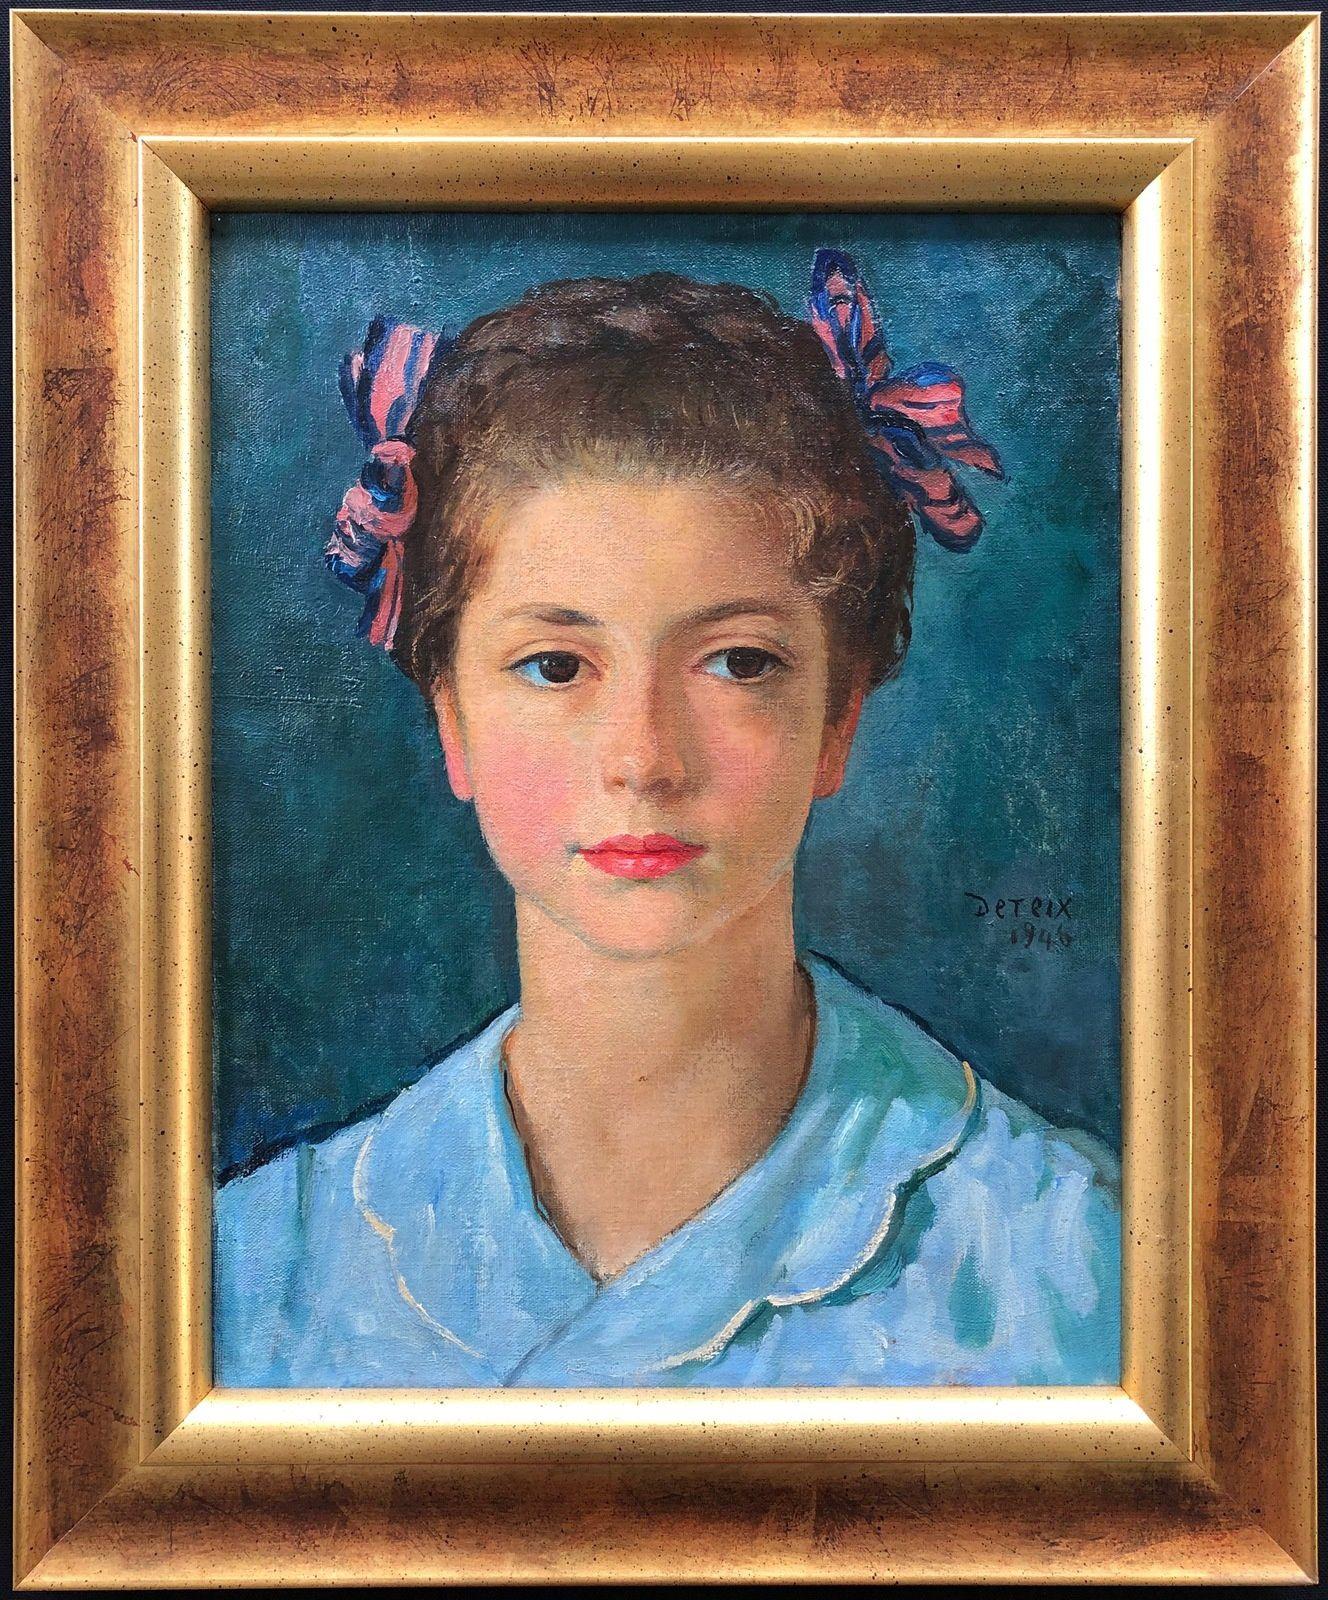 Portrait d'Yvette Maurin-Javid 1935-1983 (peinture d'Adolphe Deteix 1892-1967)